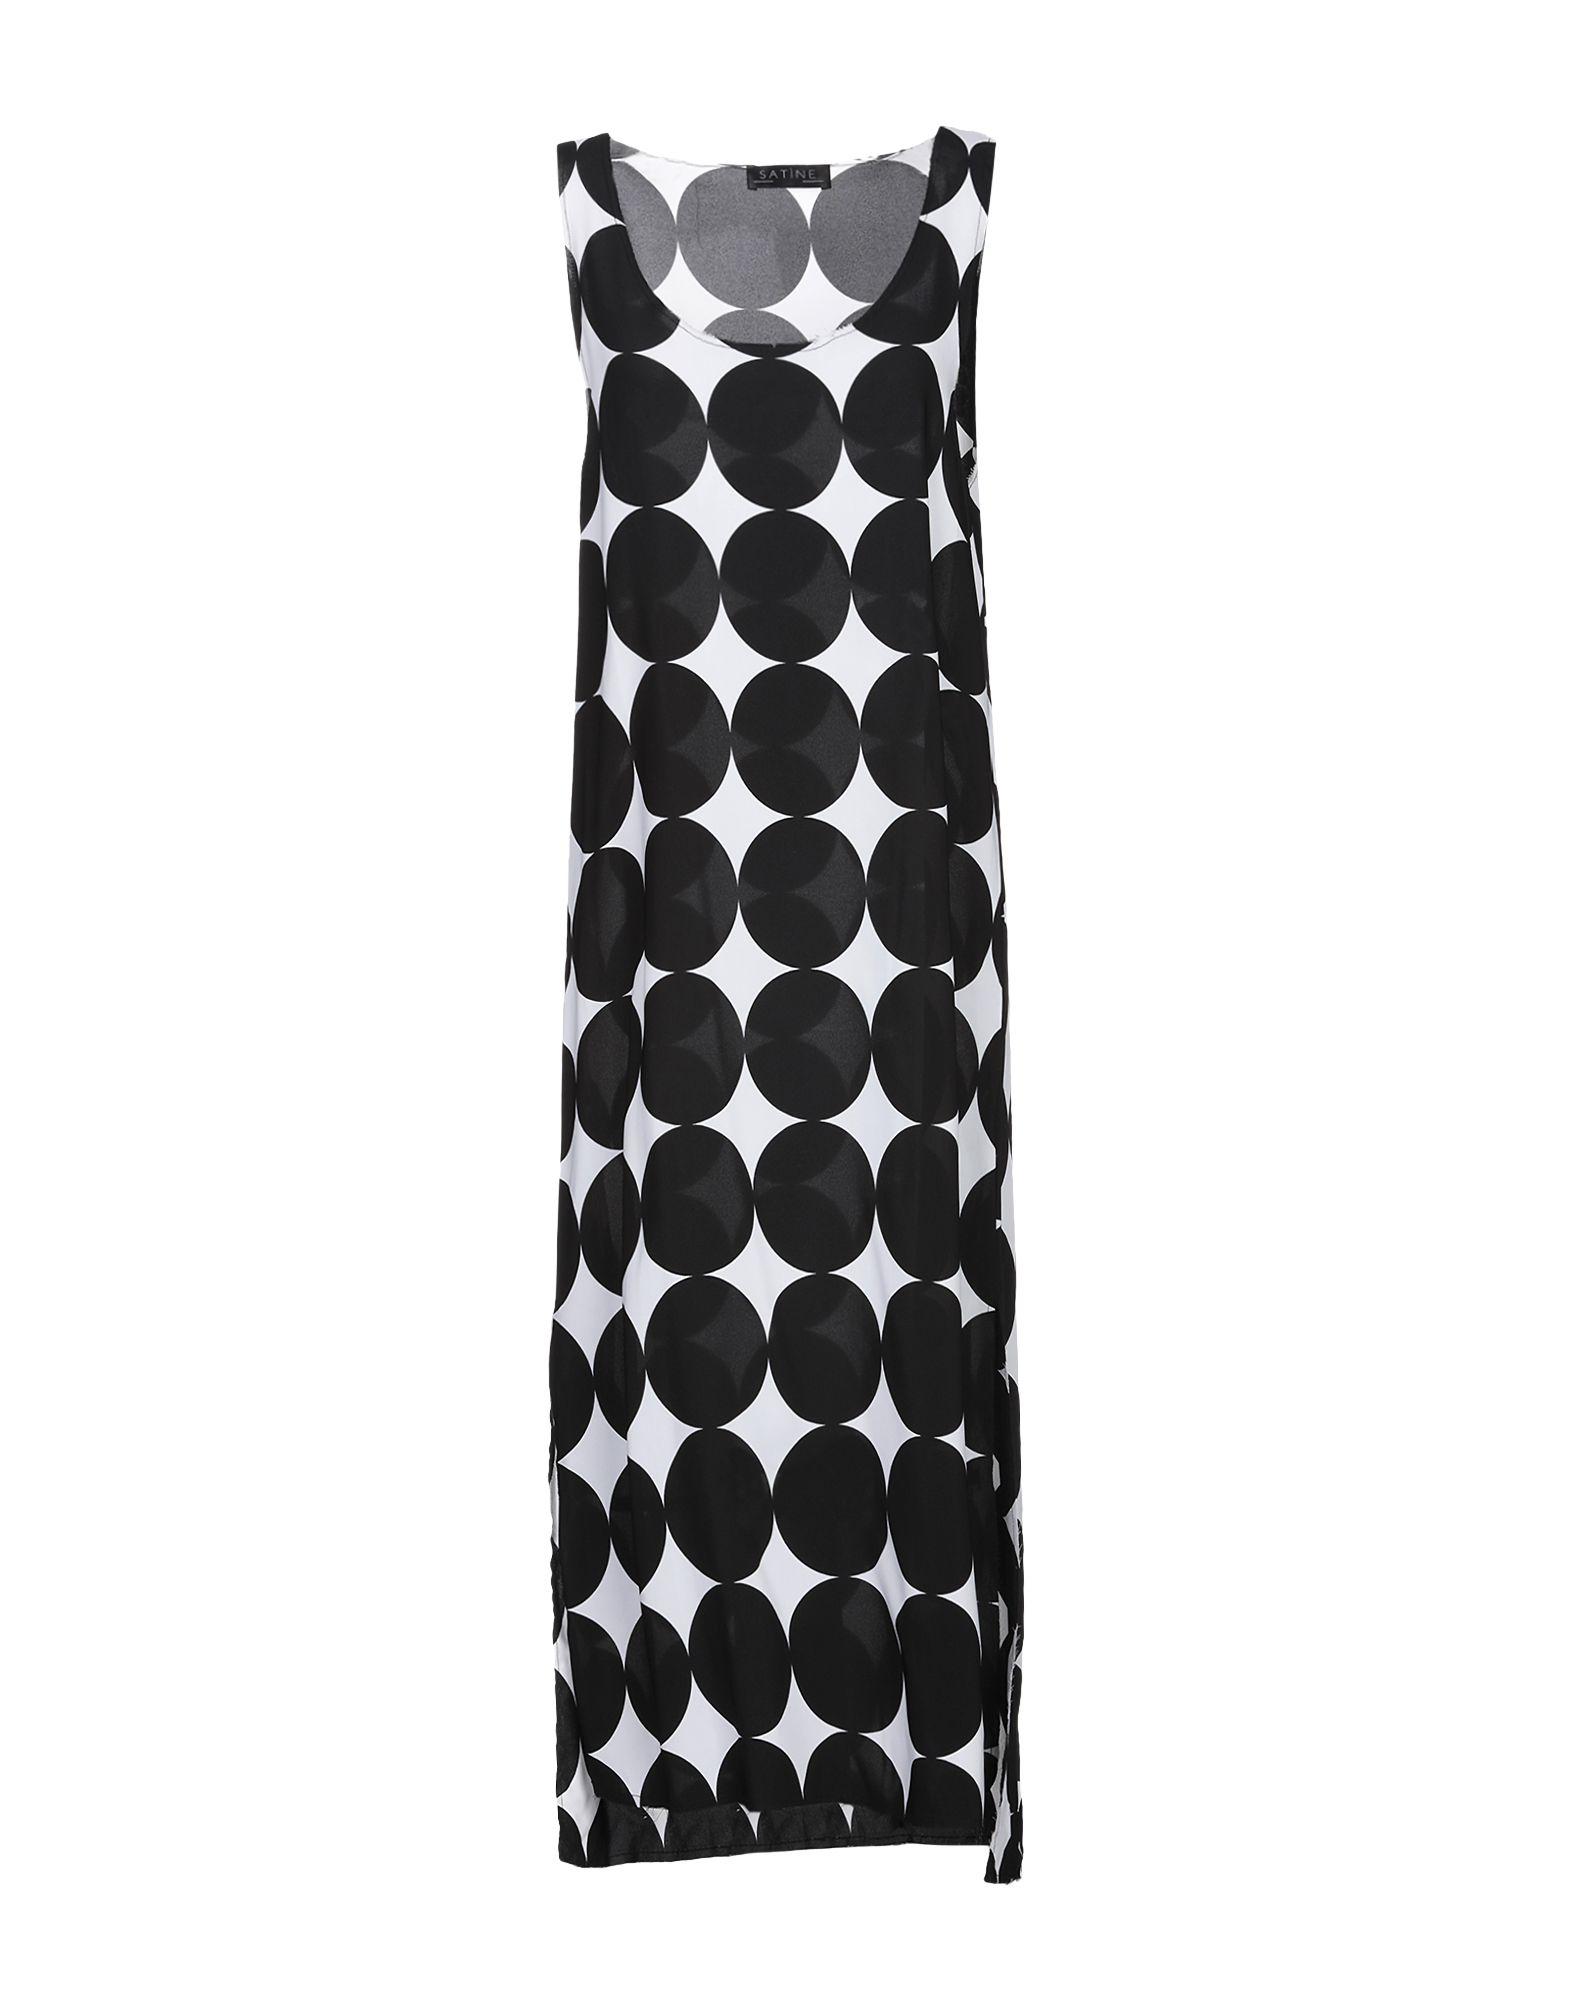 Фото - SATÌNE Платье длиной 3/4 платье комбинезон в горошек 1 мес 3 года